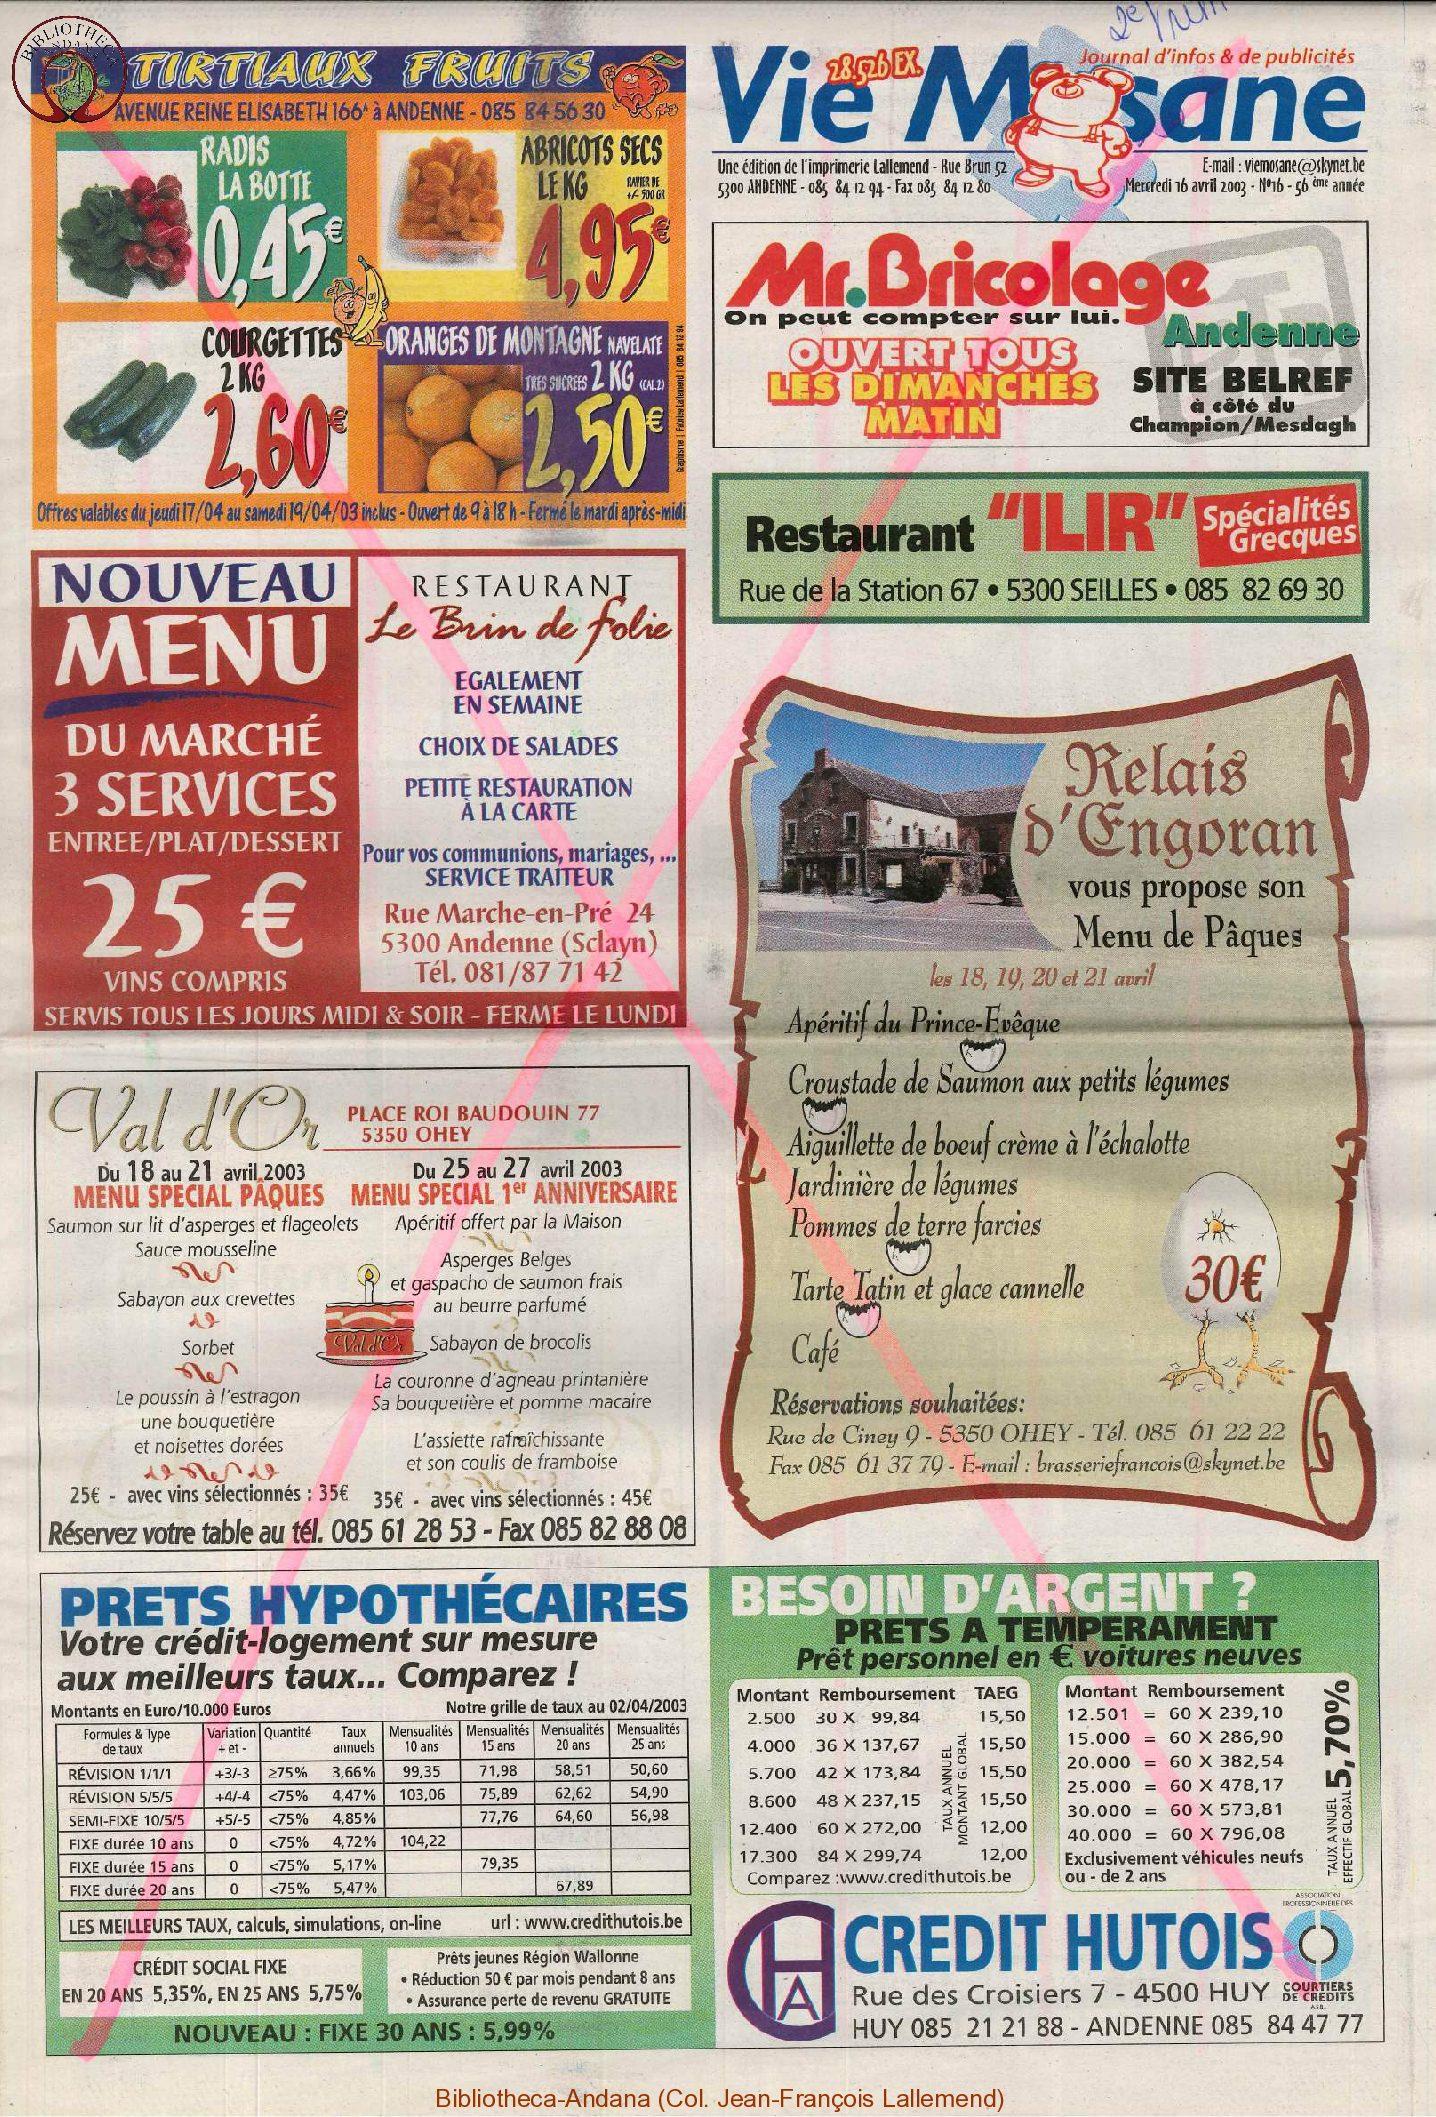 57e année - n°16 - 16 avril 2003